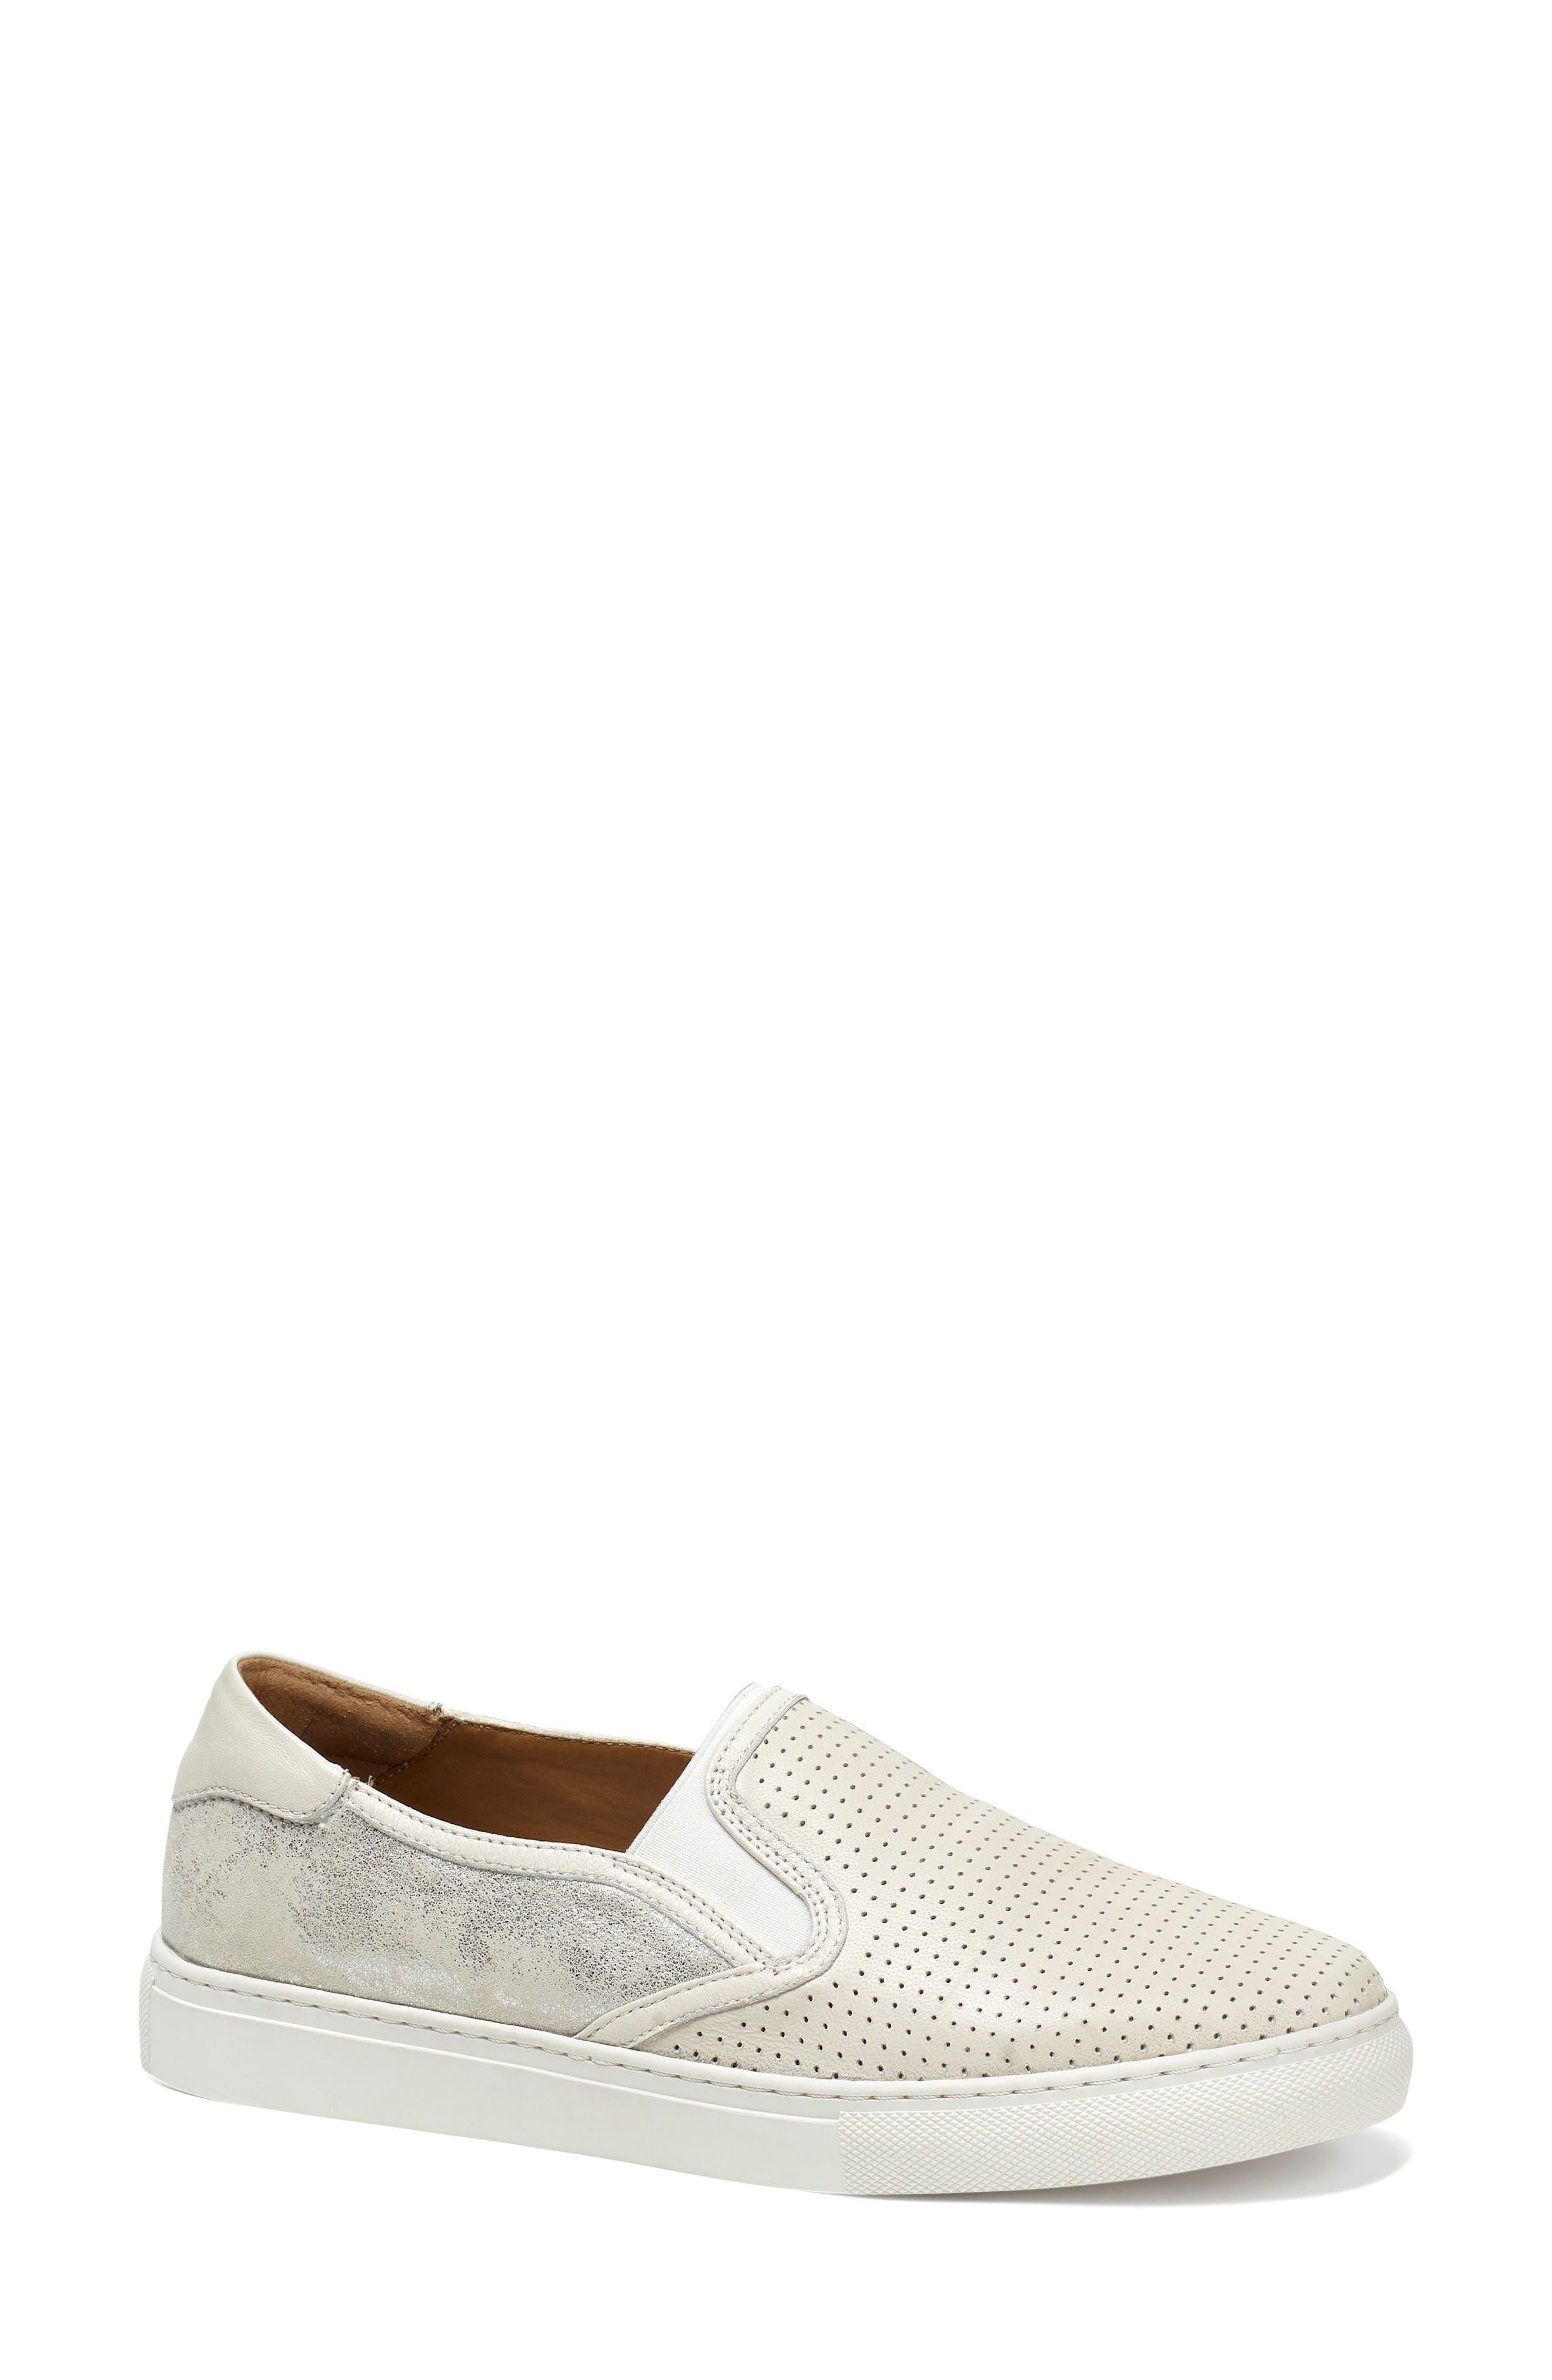 Trask Lillian Water Resistant Slip-On Sneaker- Ivory